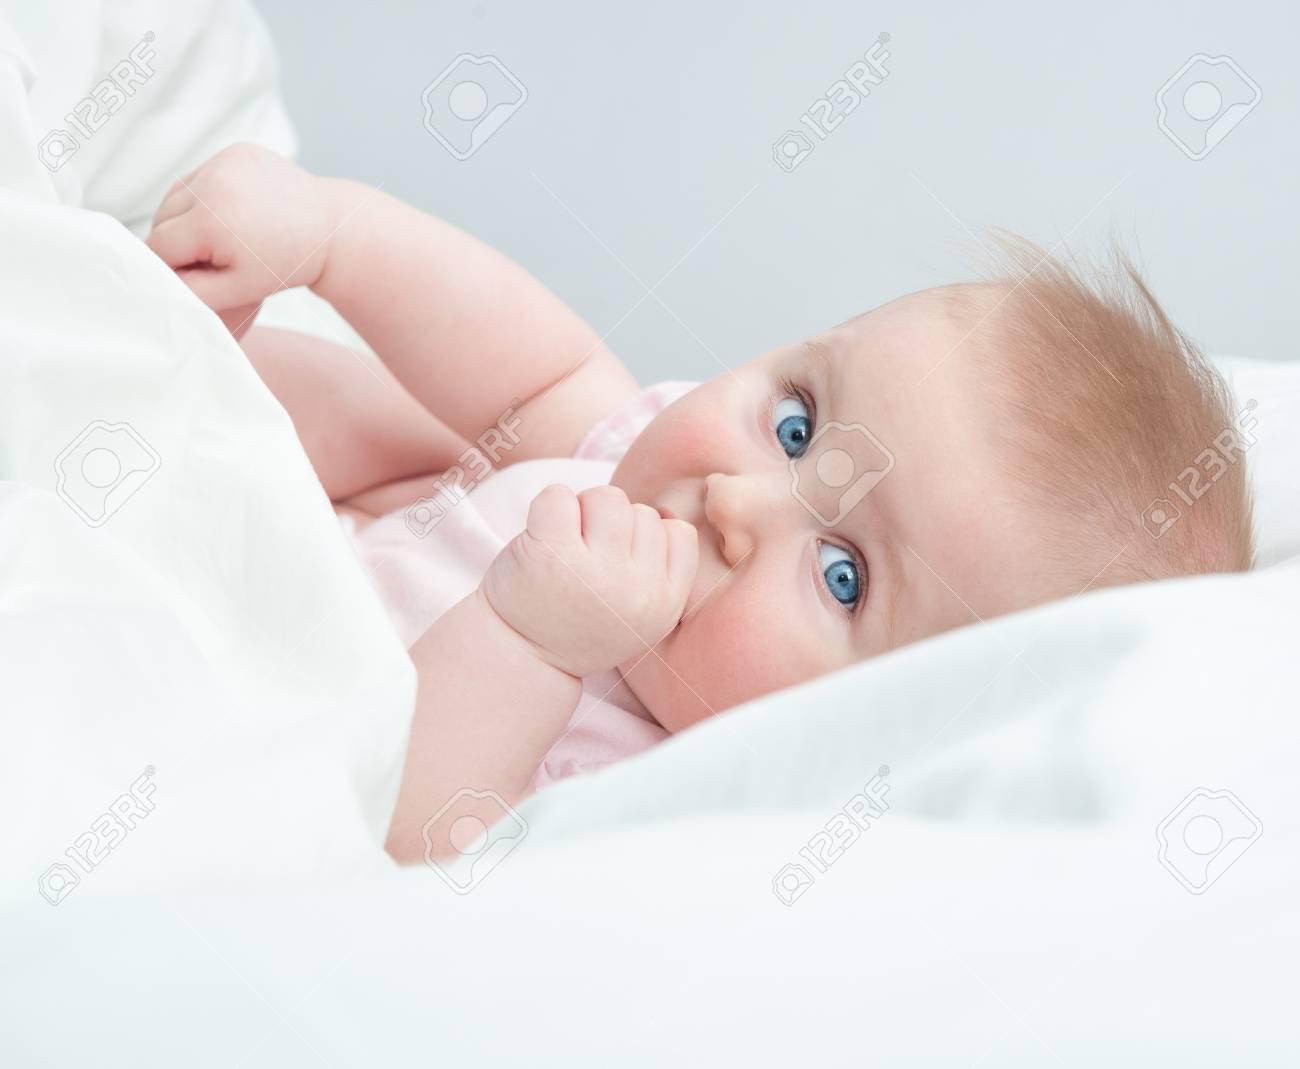 Hermoso Bebé Se Chupa El Dedo En La Cama Fotos, Retratos, Imágenes Y ...